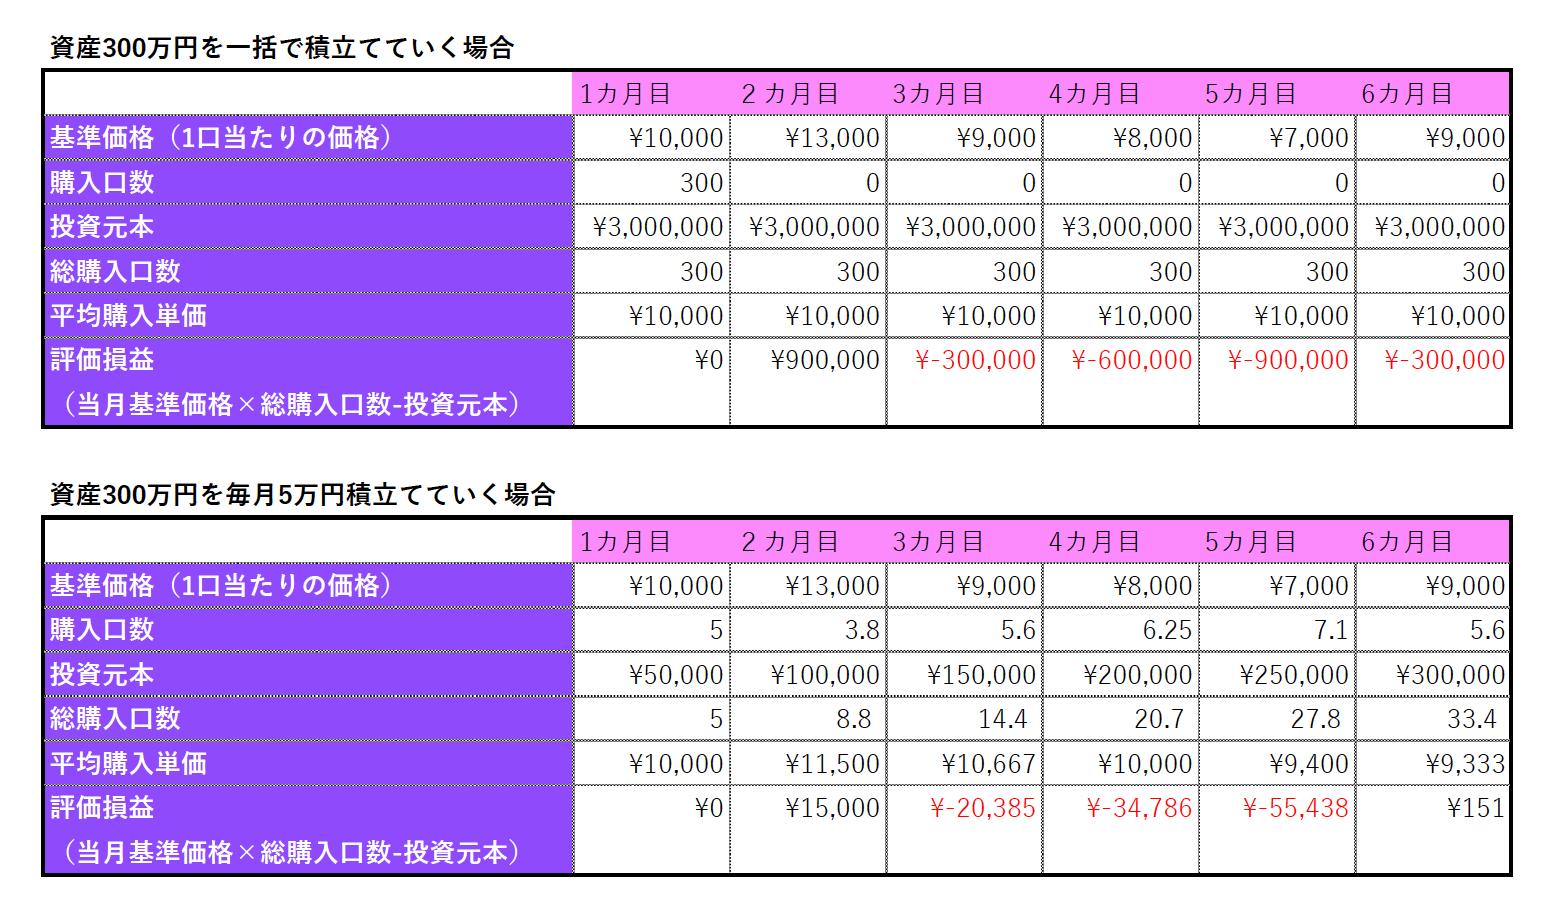 一括投資と分散投資の評価損益の比較